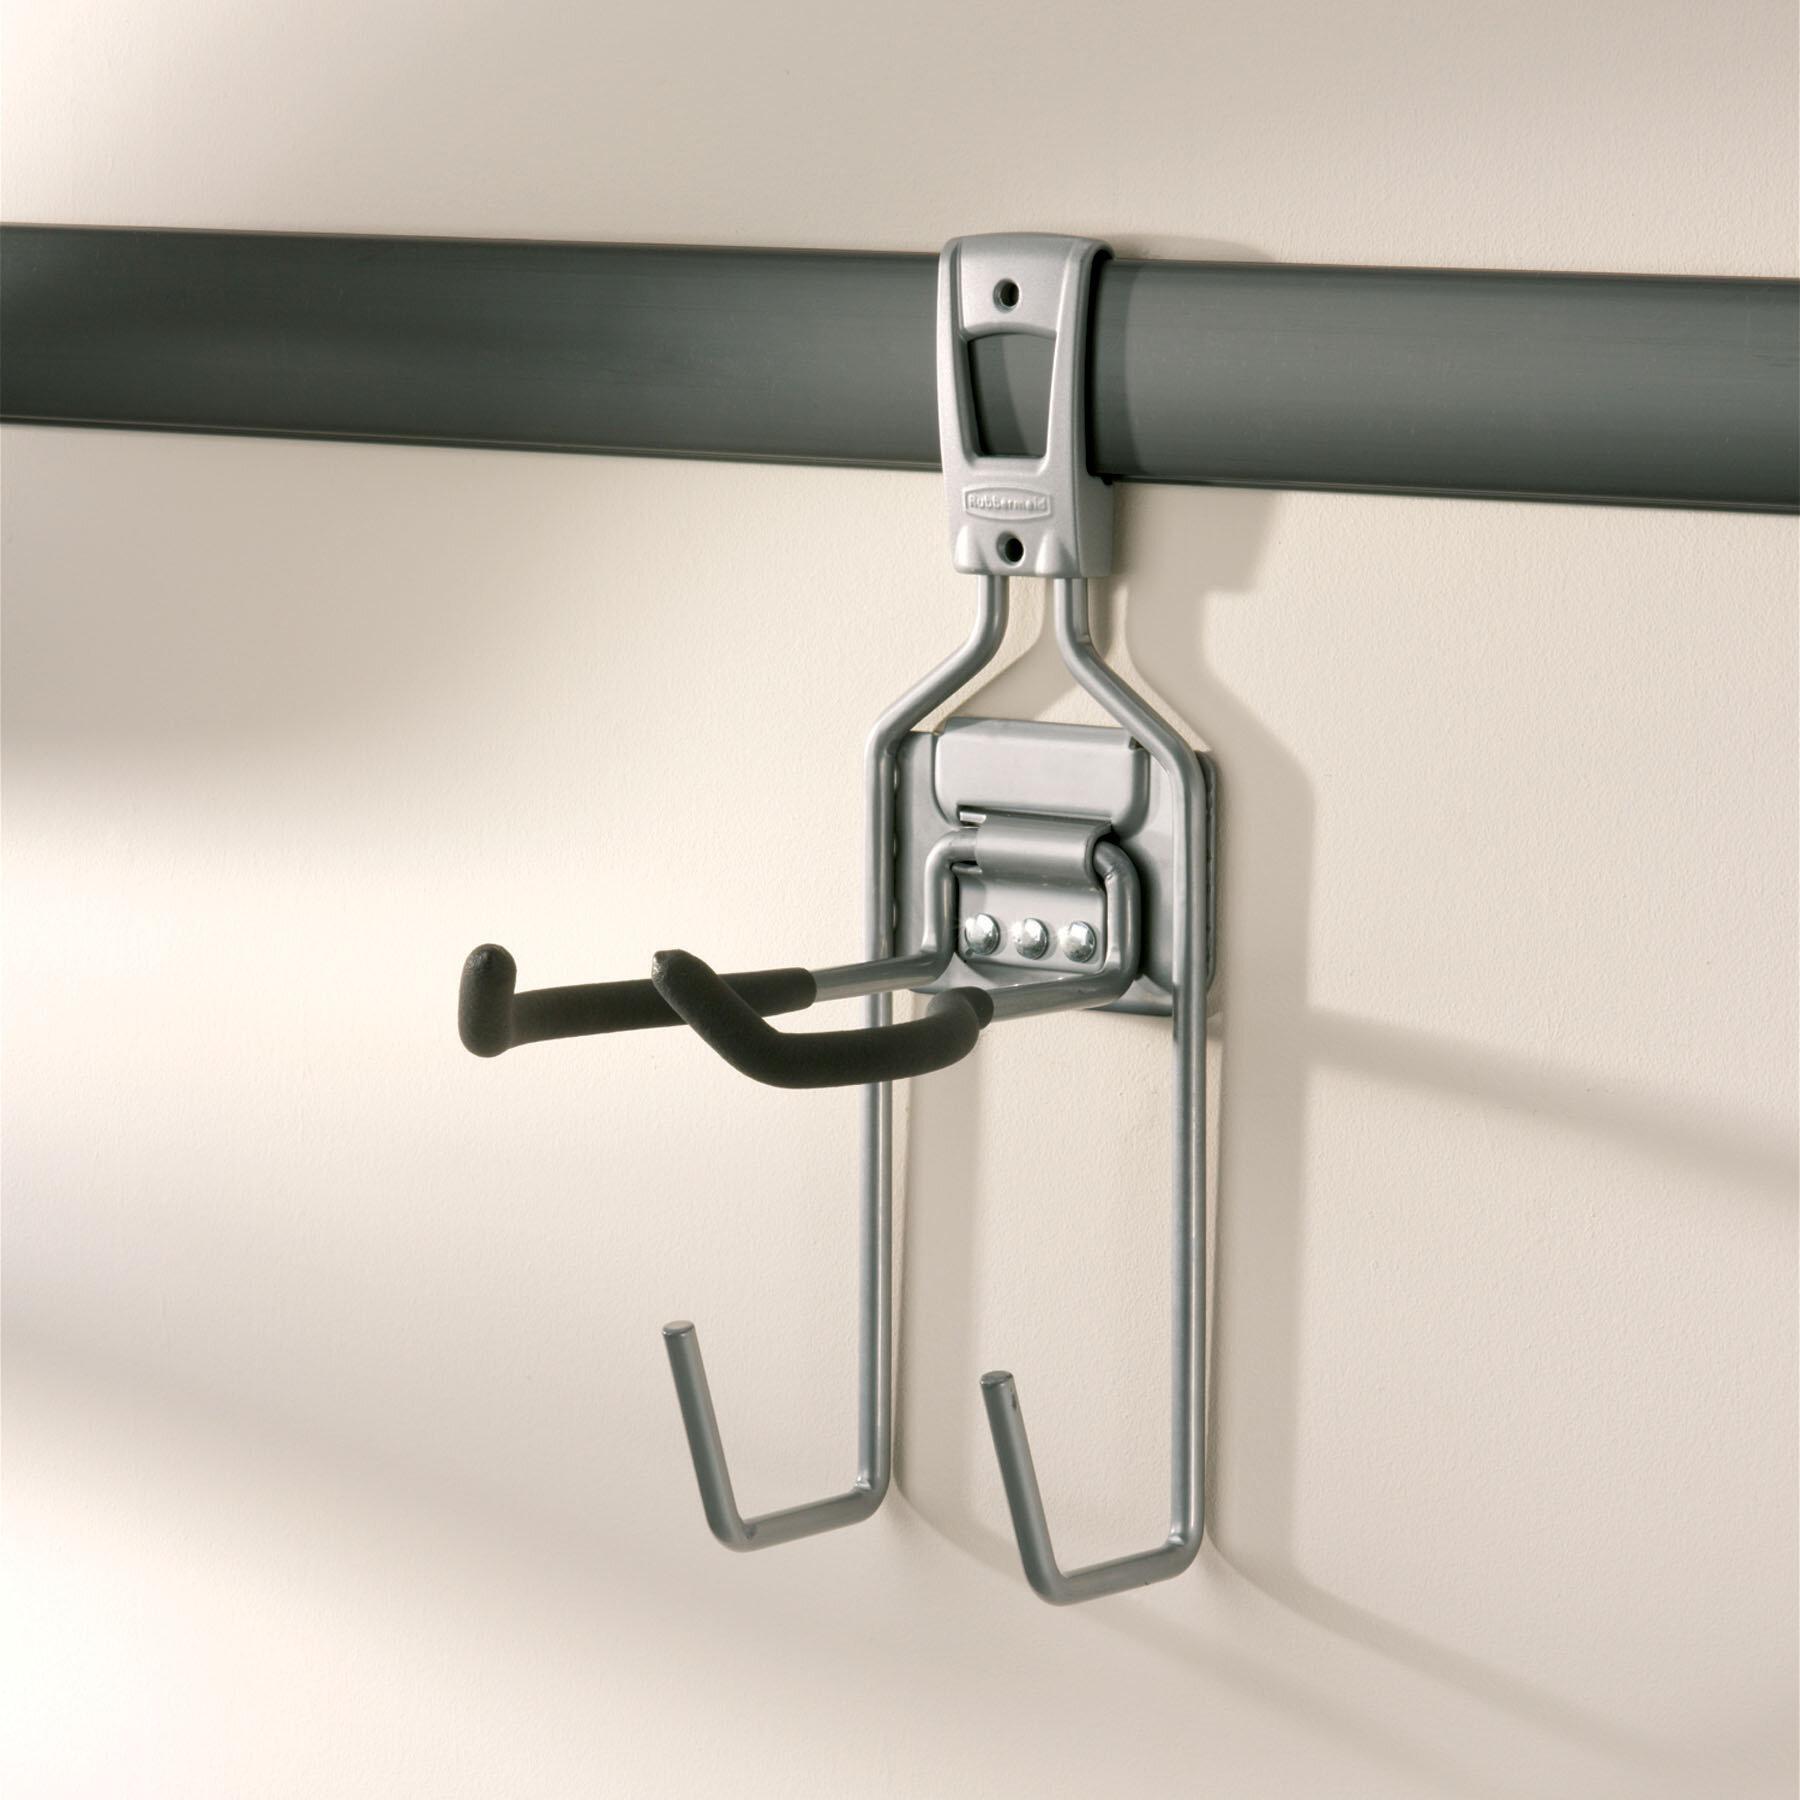 Rubbermaid FastTrack Power Tool Hook